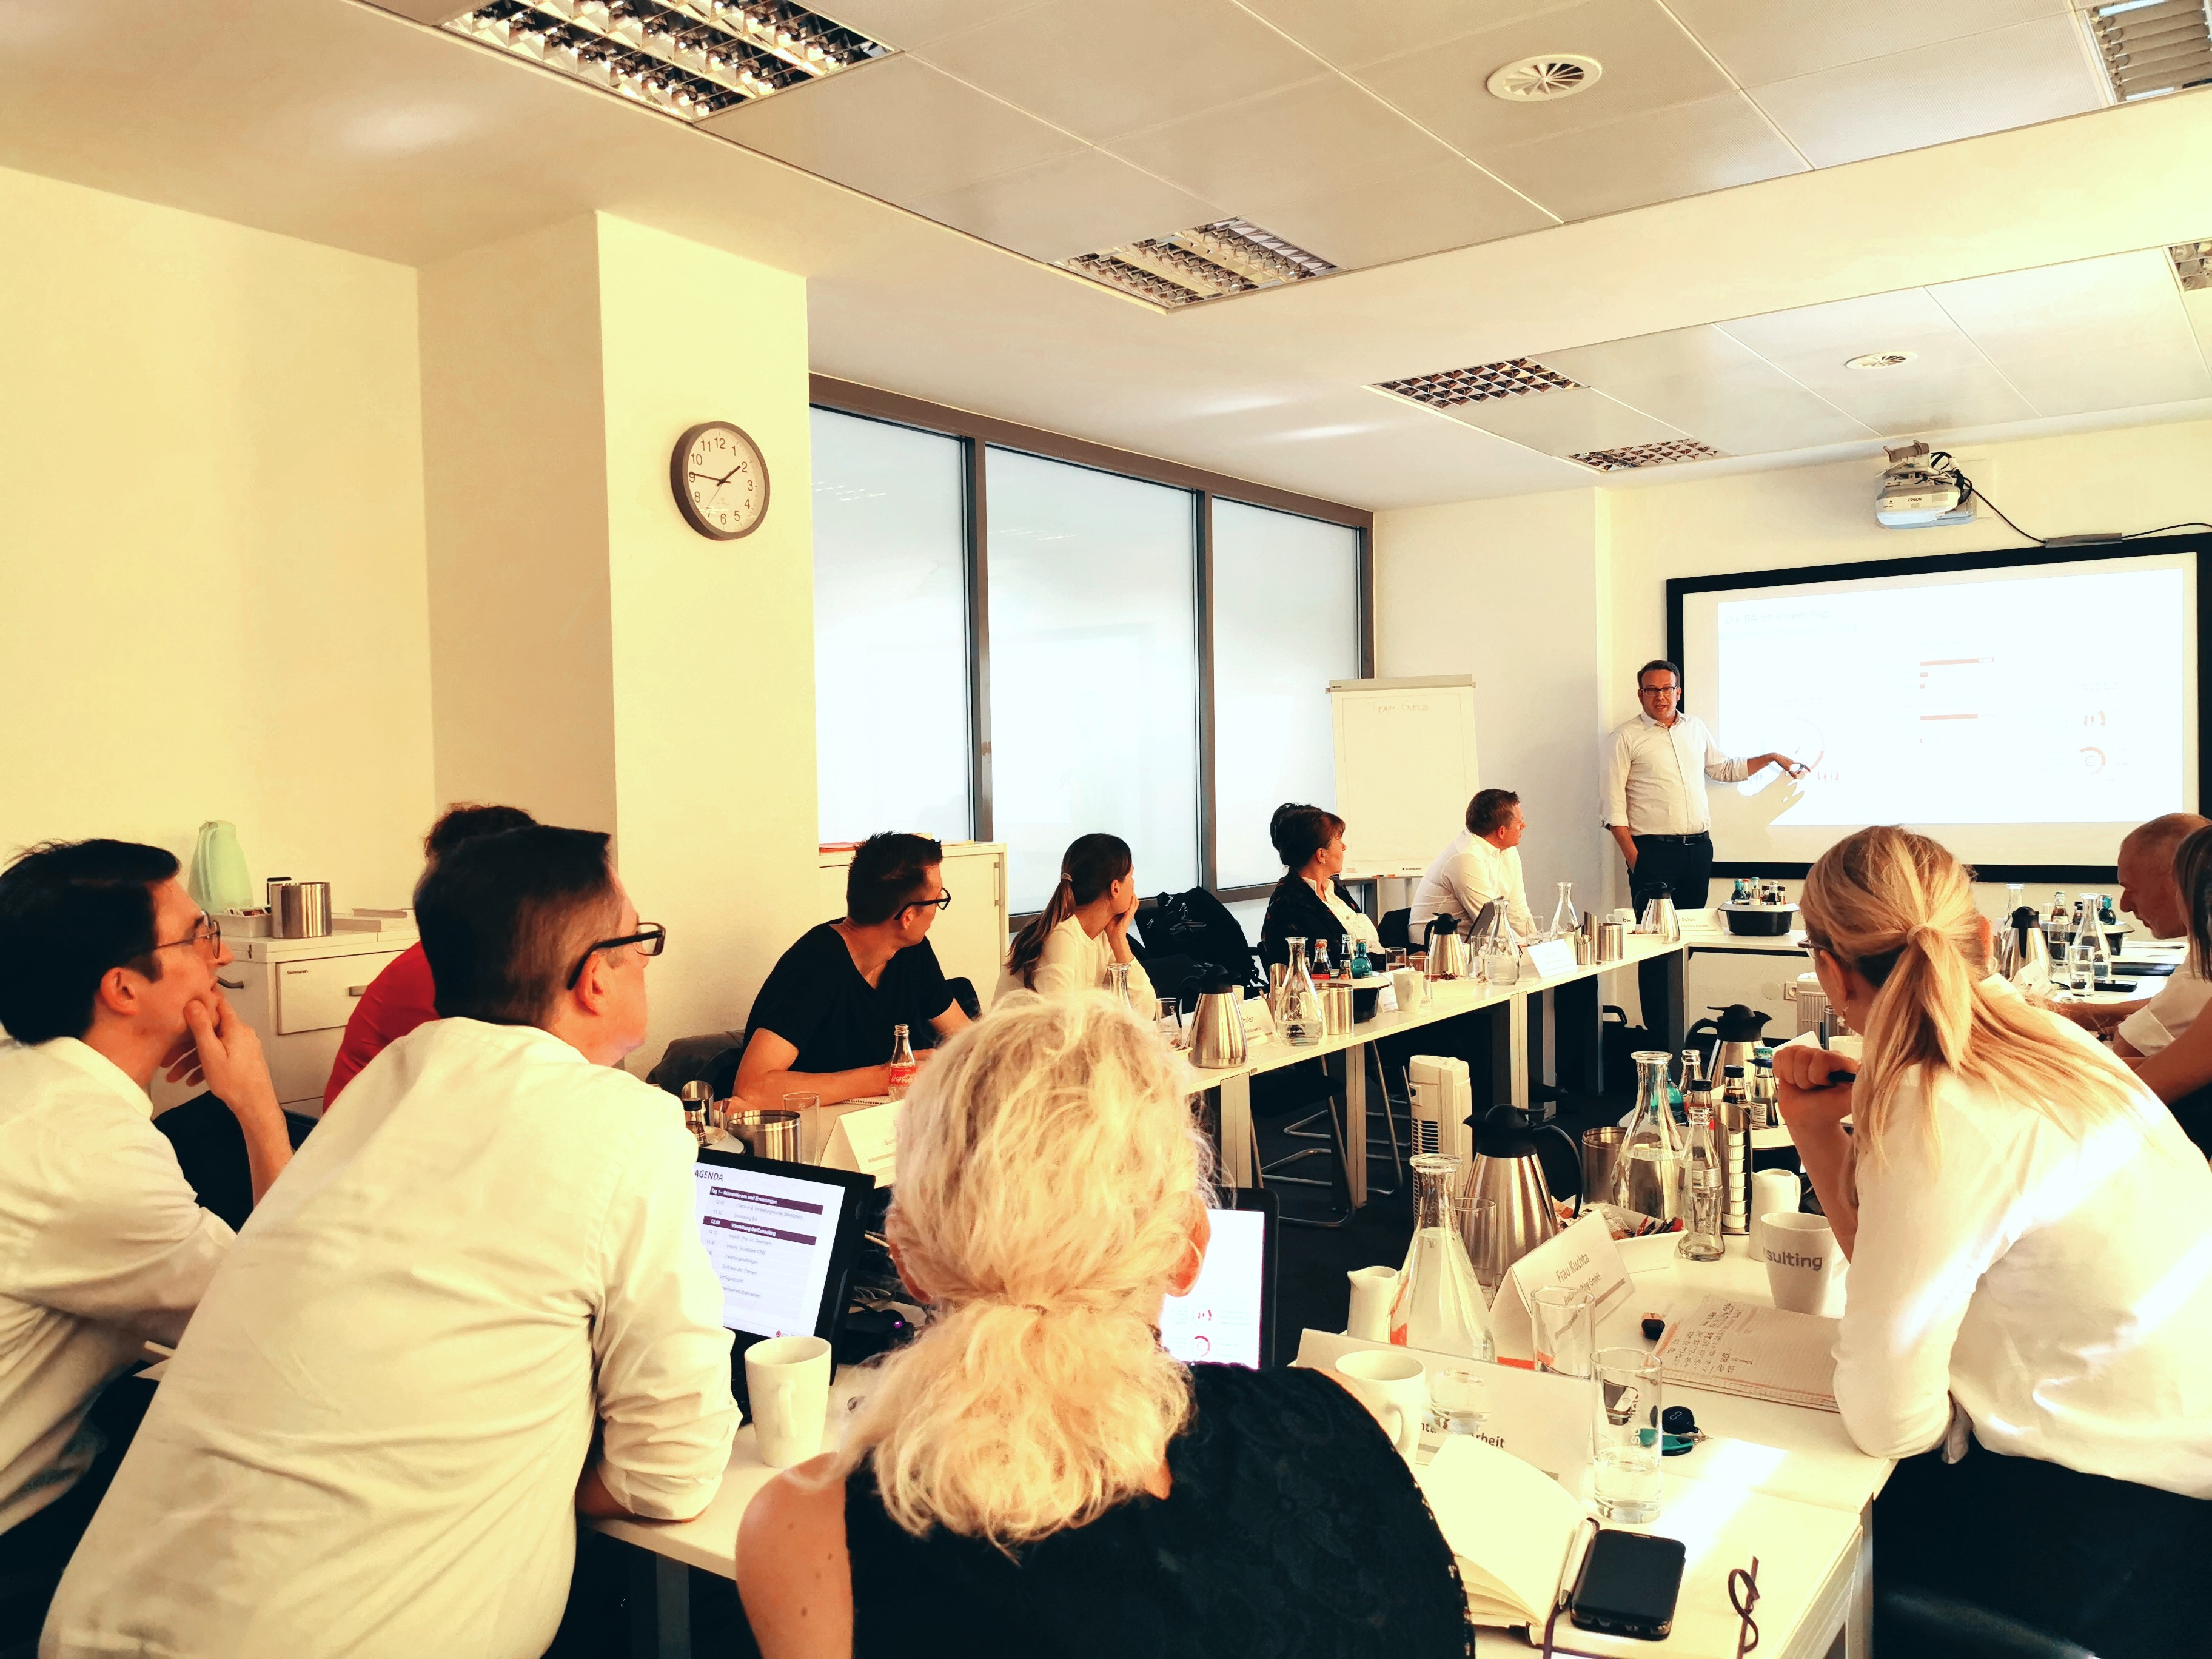 Die Teilnehmer hören einem Vortrag zu